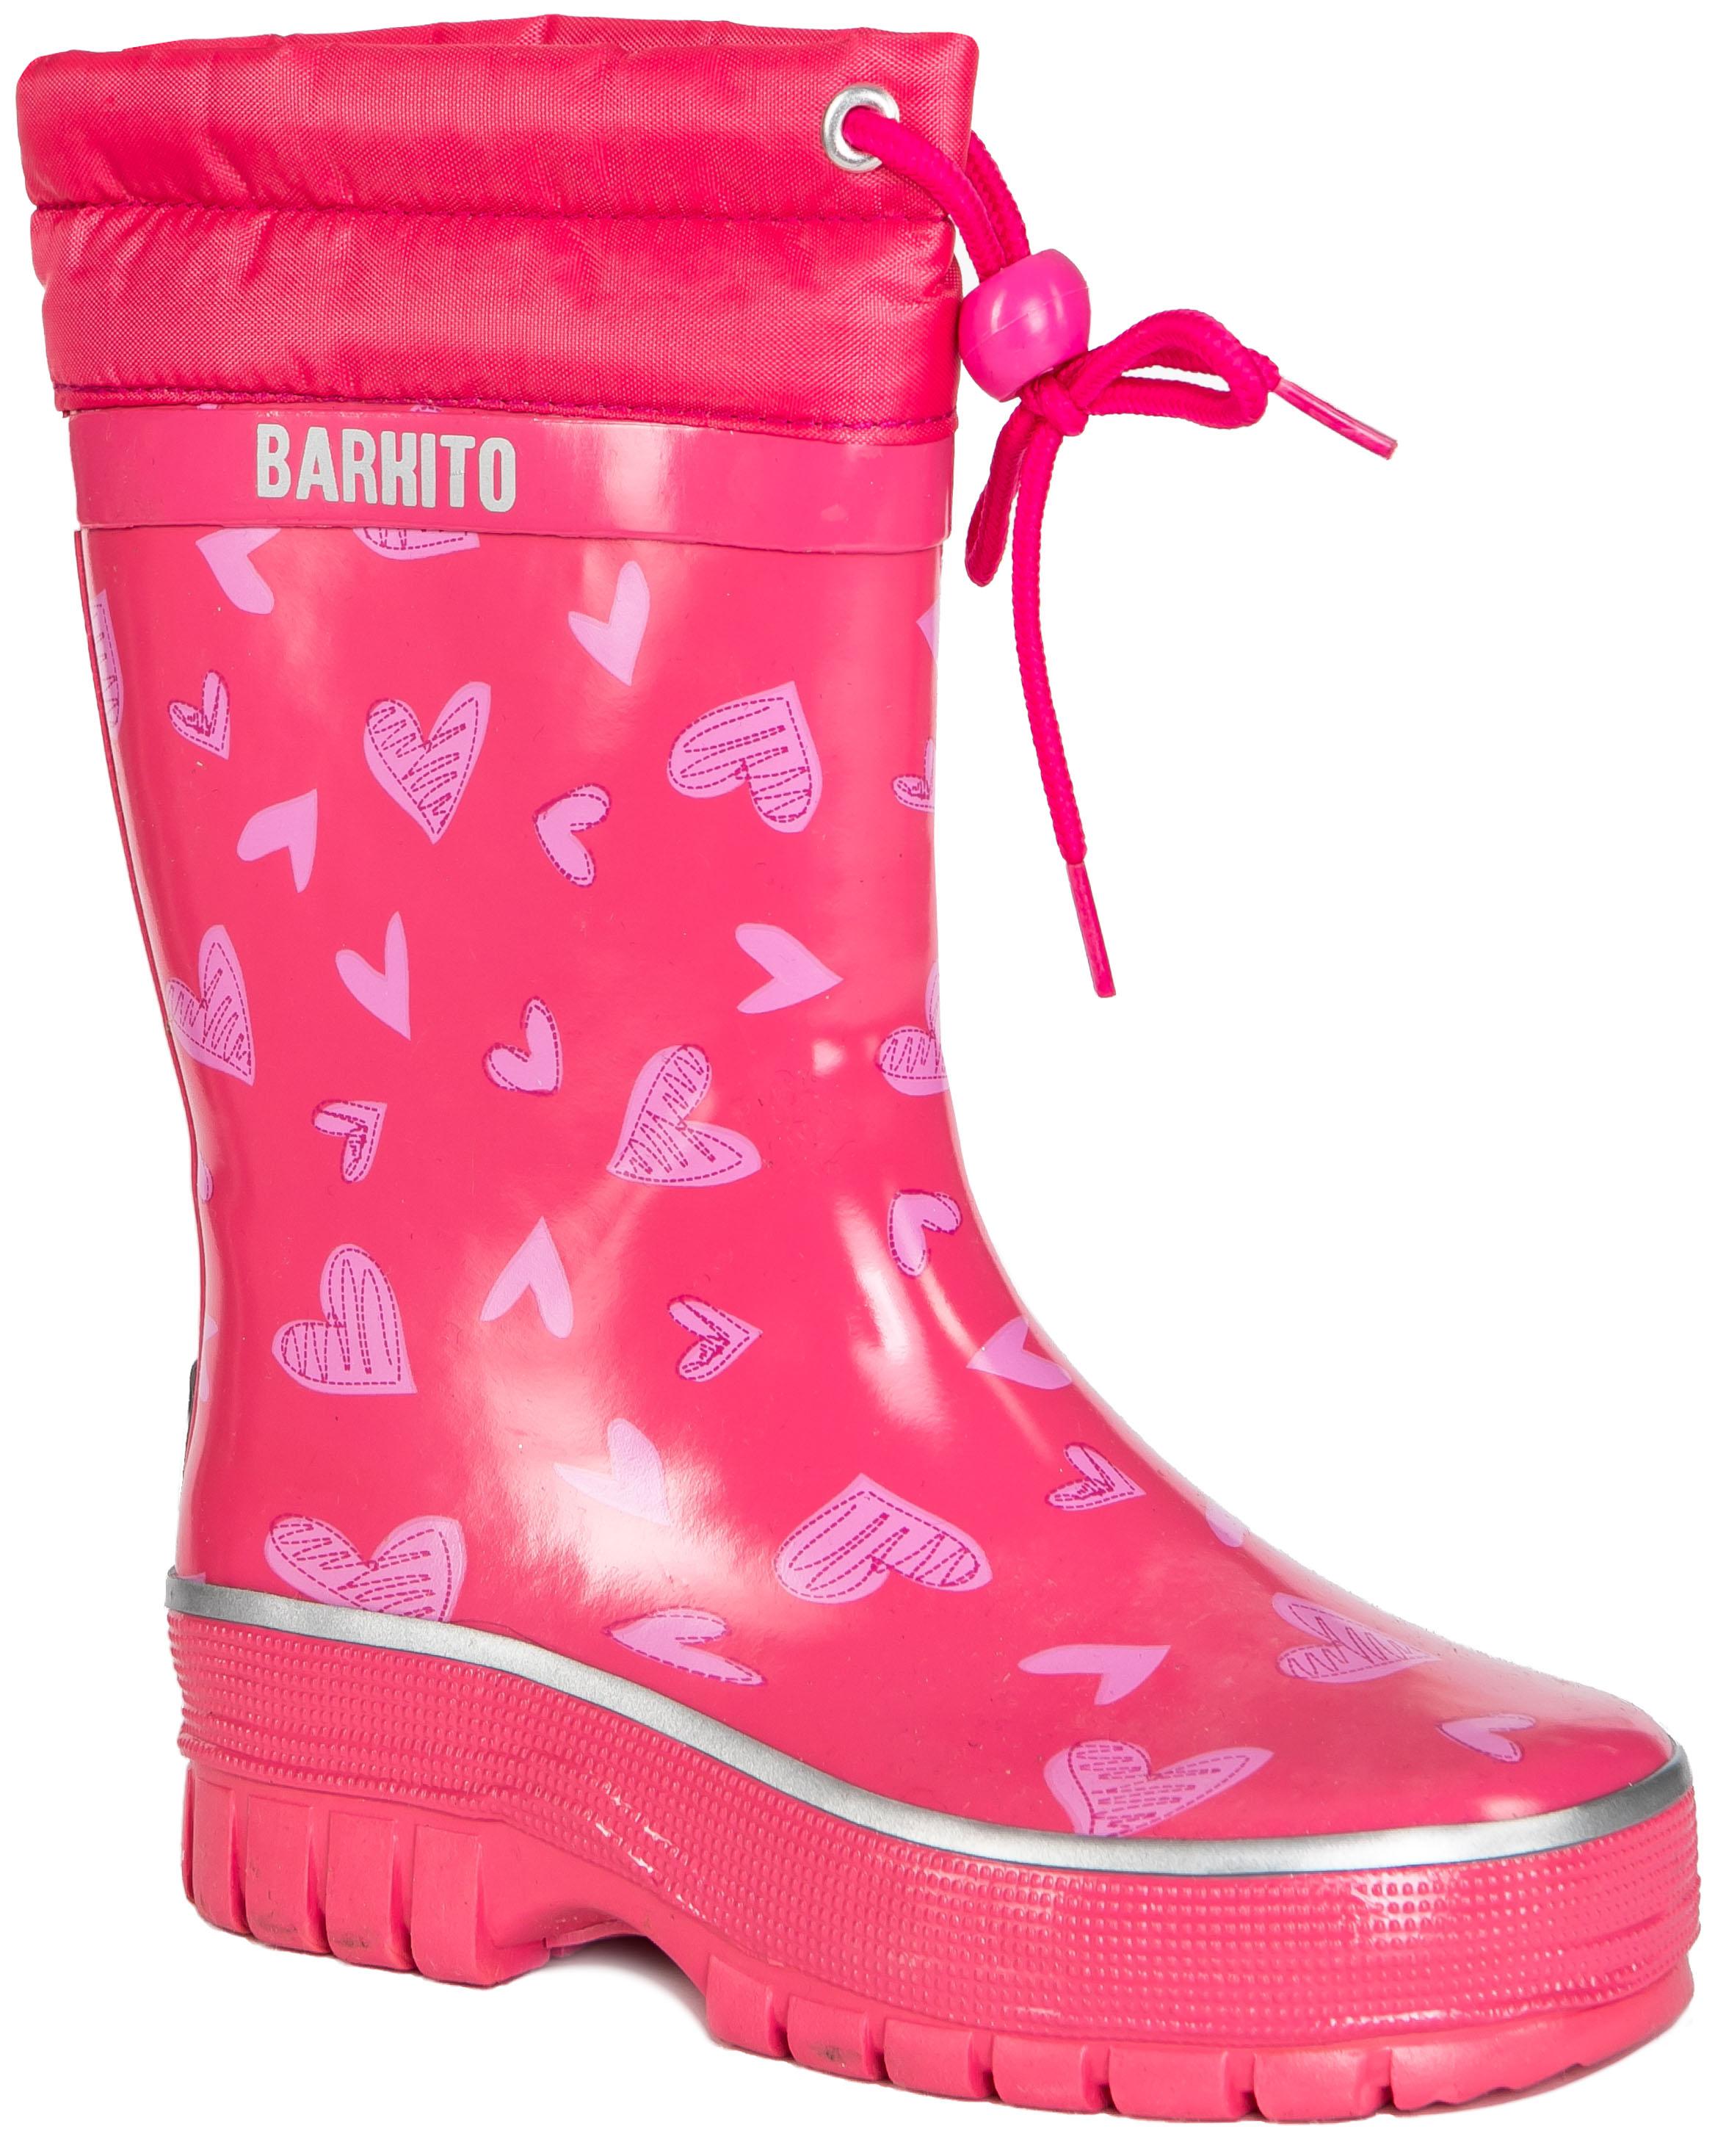 Купить Резиновые сапоги, KRS18205-1, Barkito, Китай, pink, Женский